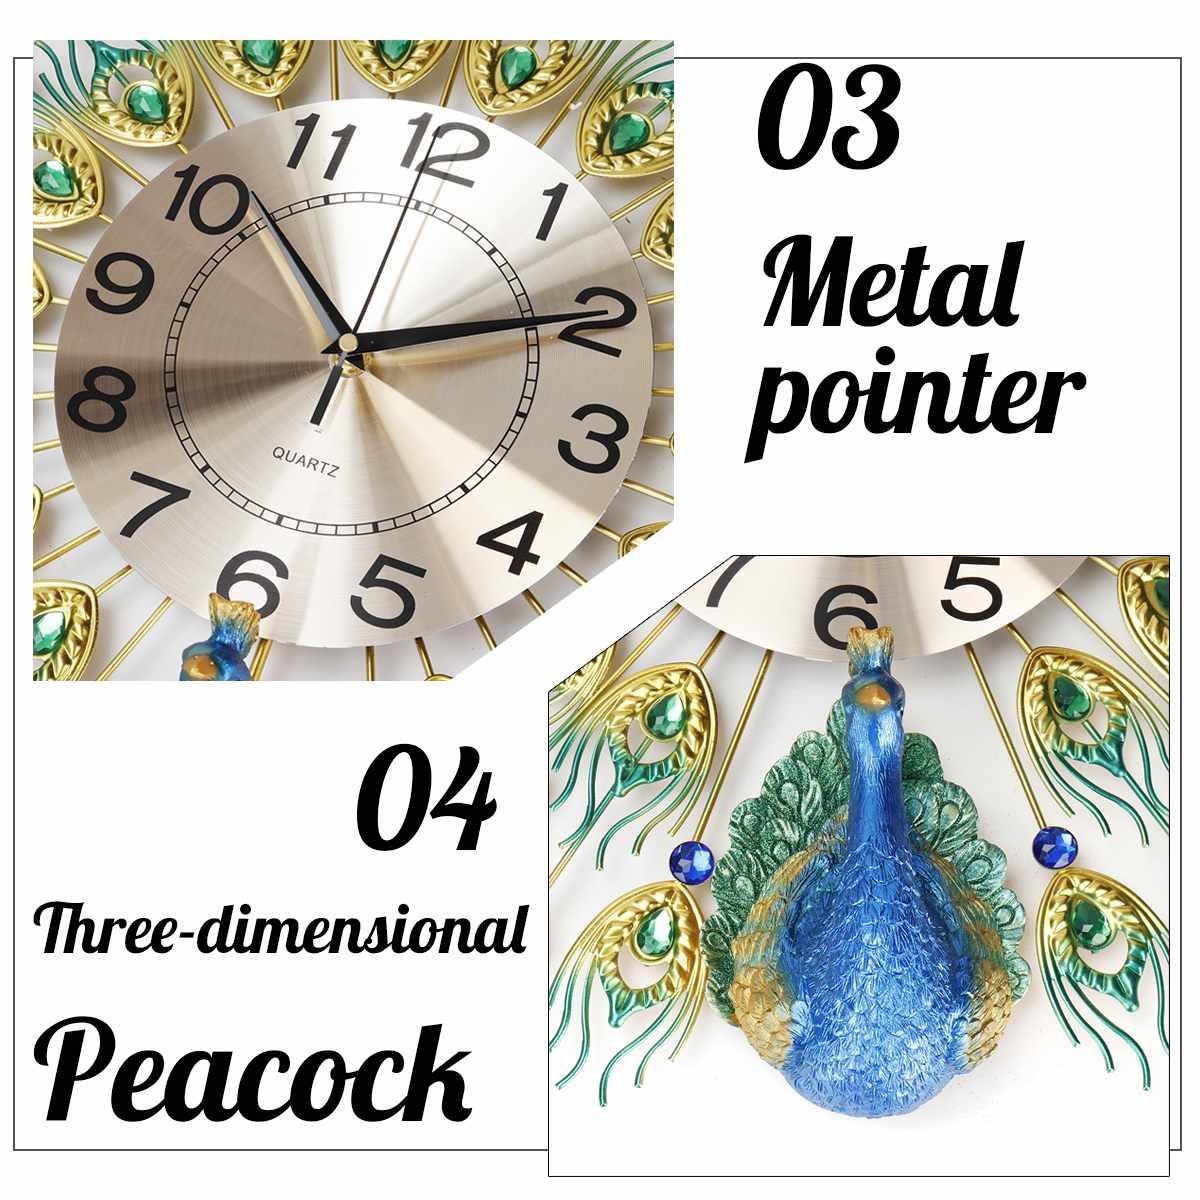 70x70cm bricolage 3D grand paon horloge murale en métal cristal diamant horloges montre ornements maison salon décoration artisanat cadeau - 4